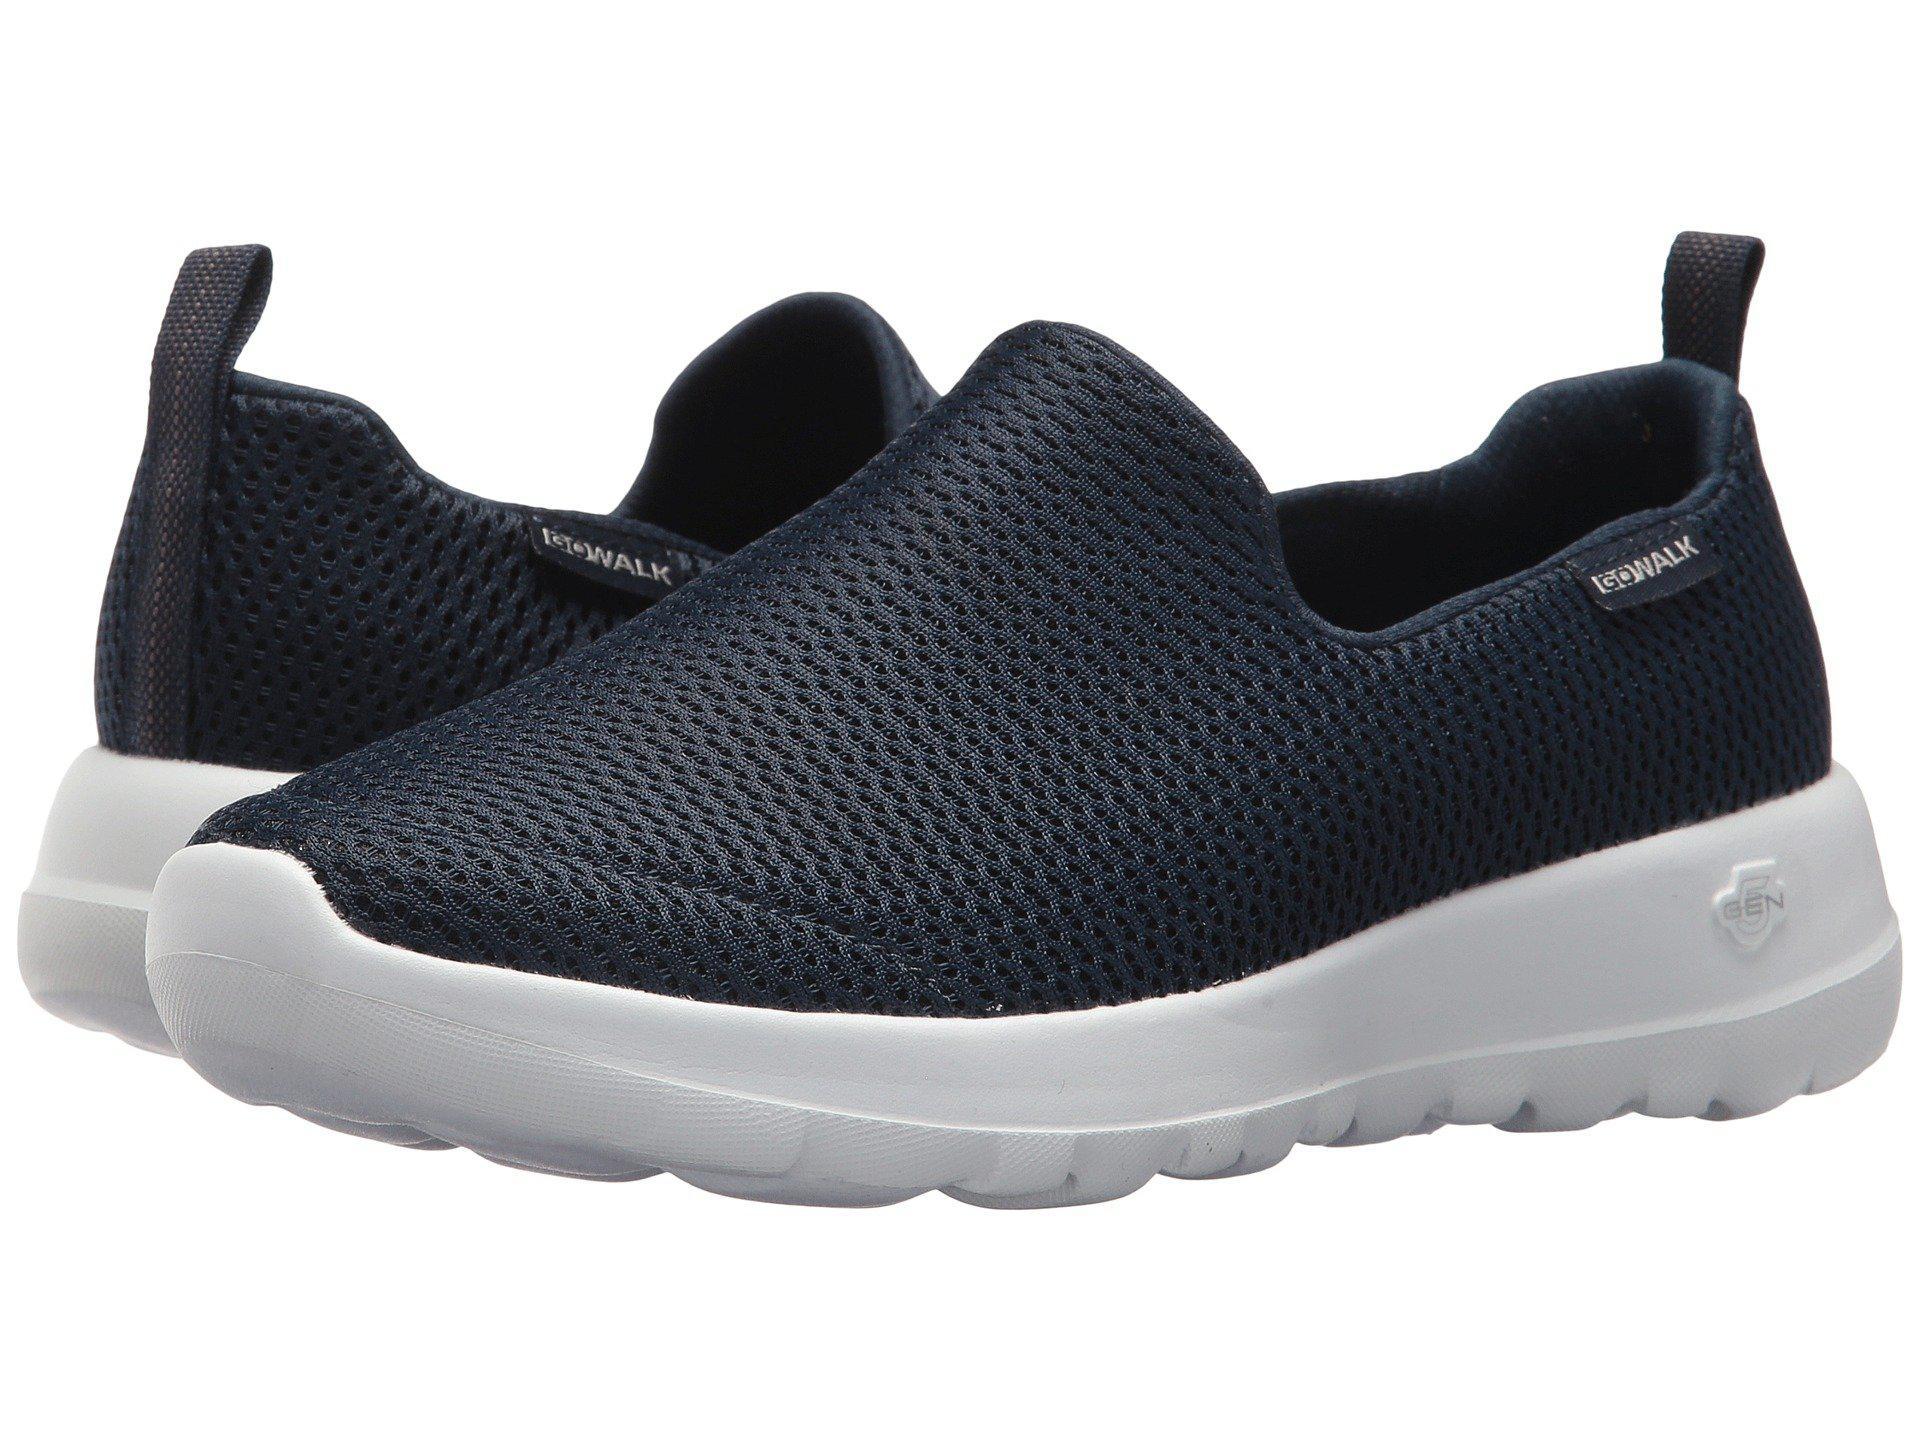 162cc7530cd3 Lyst - Skechers Go Walk Joy (black) Women s Slip On Shoes in Blue ...